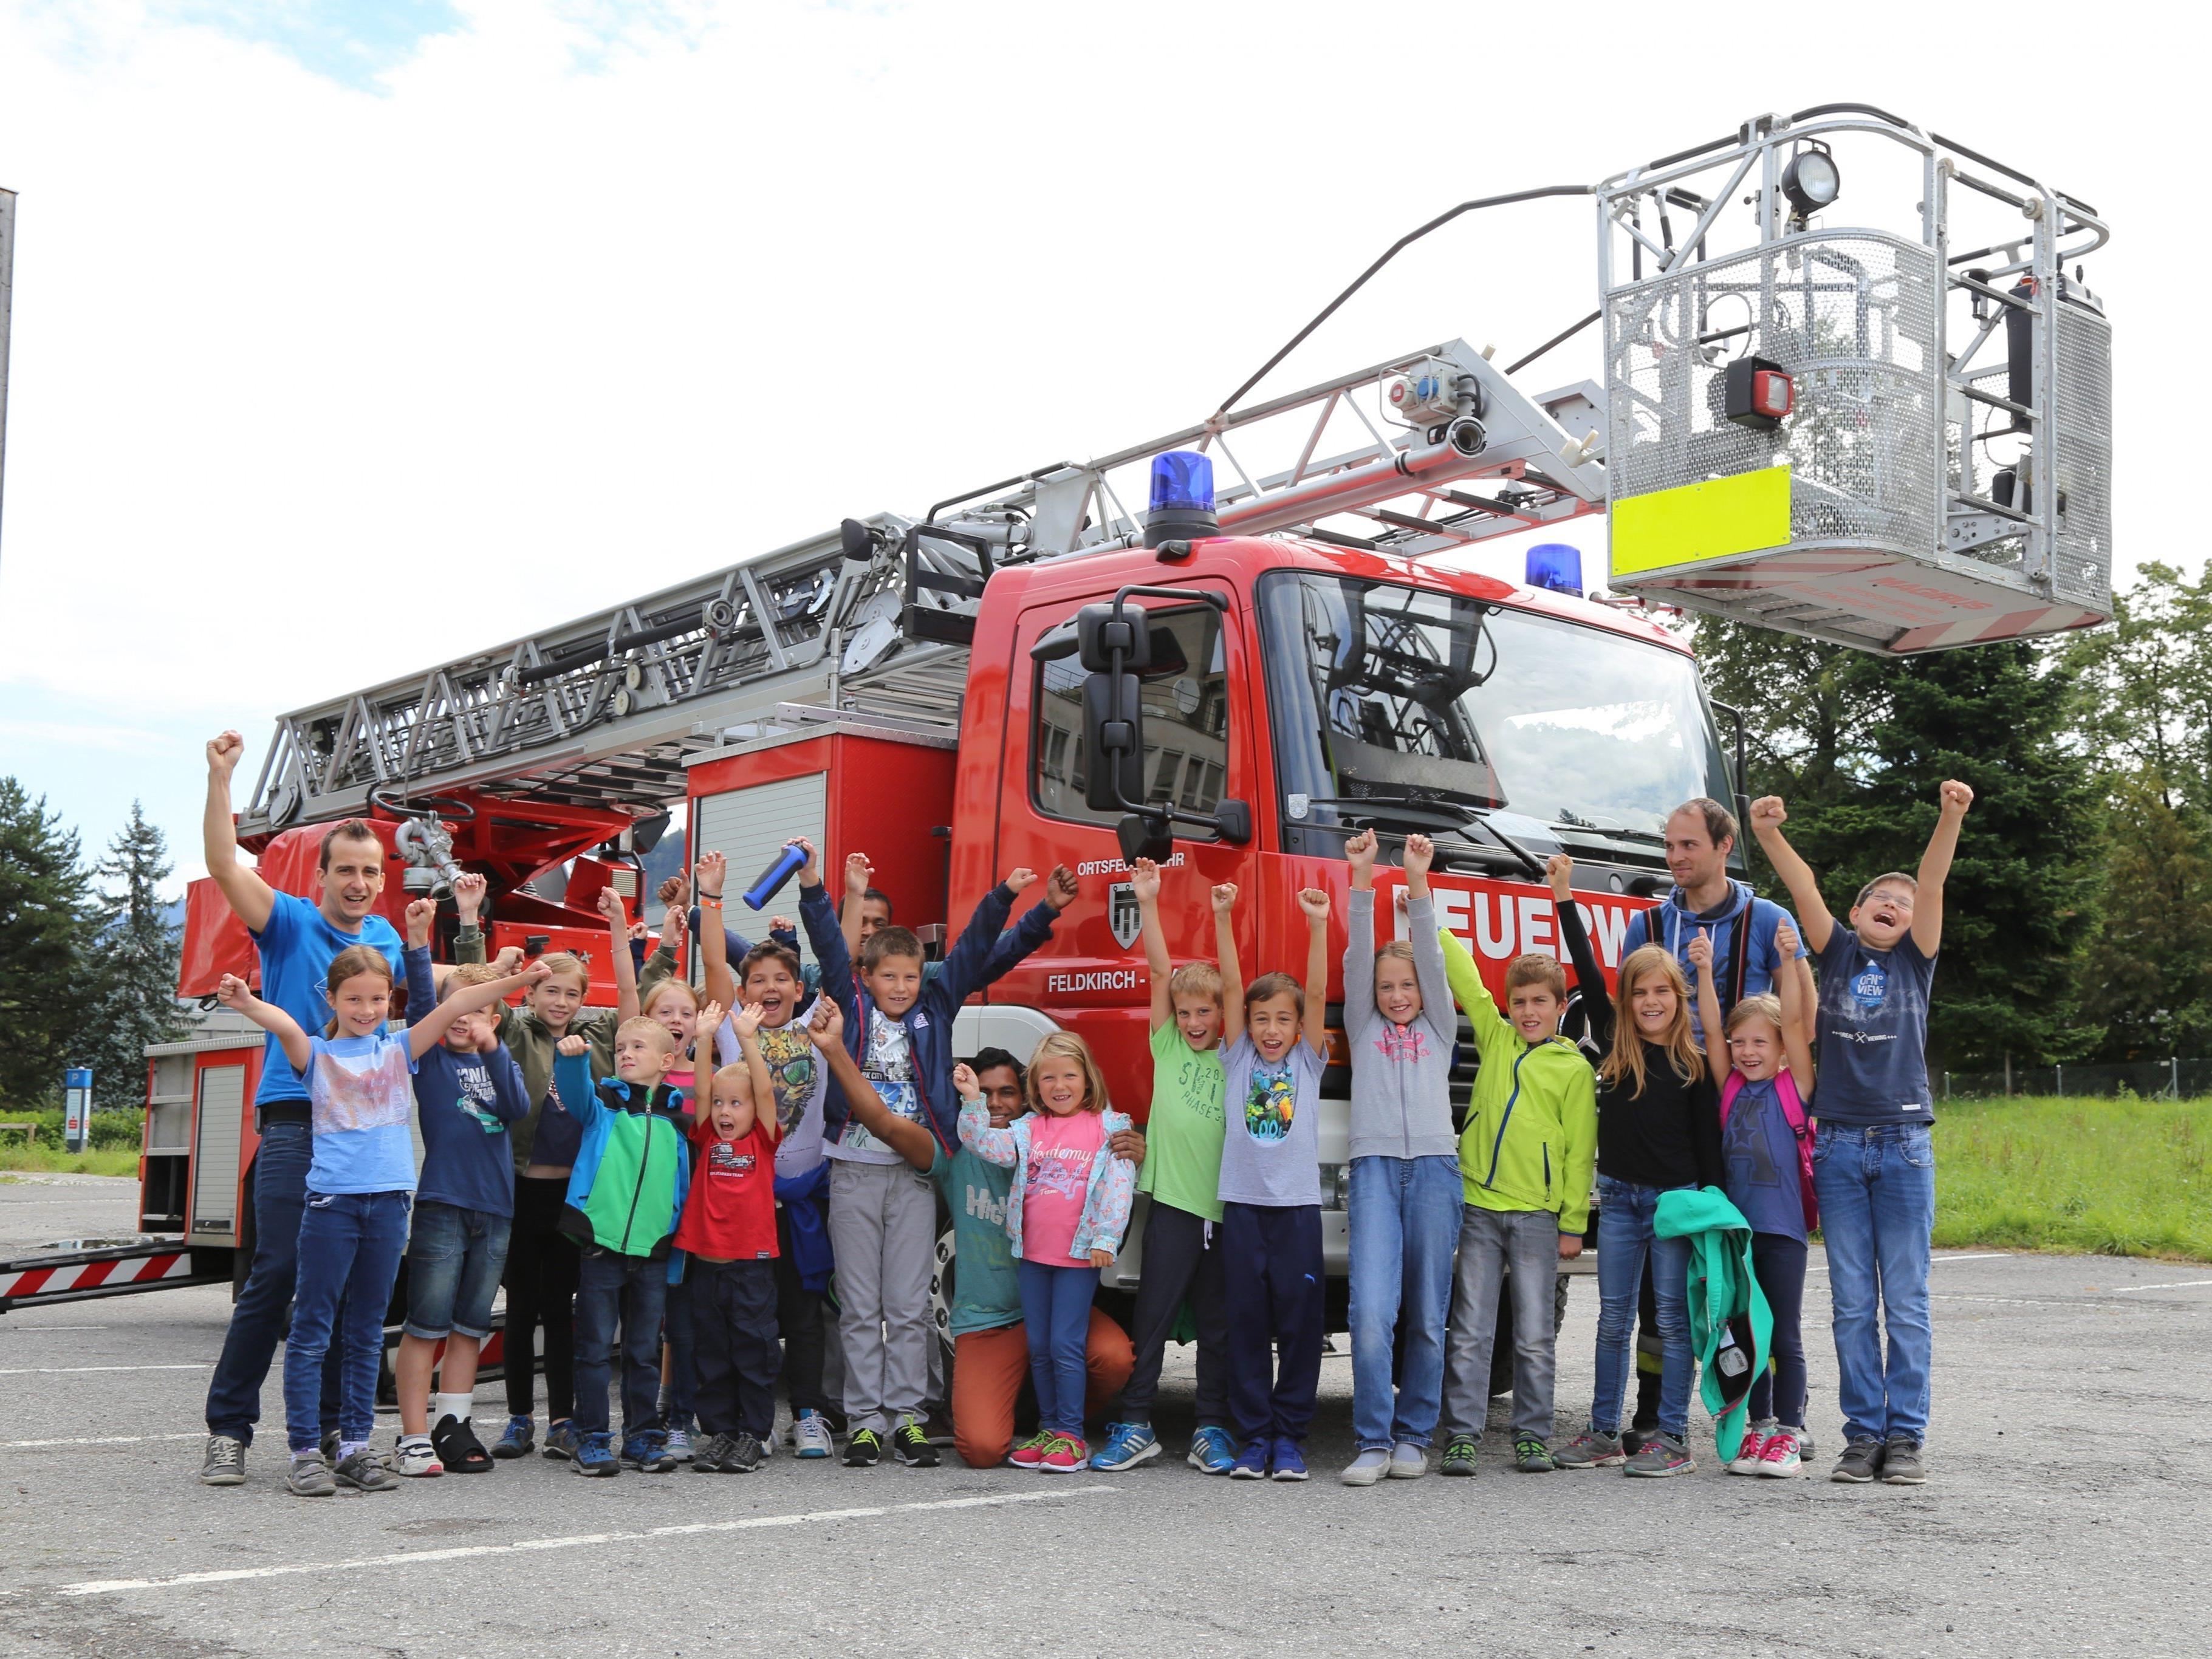 Die Teilnehmer hatten sichtlich Spaß beim Feuerwehr-Schnuppertag in Feldkirch.